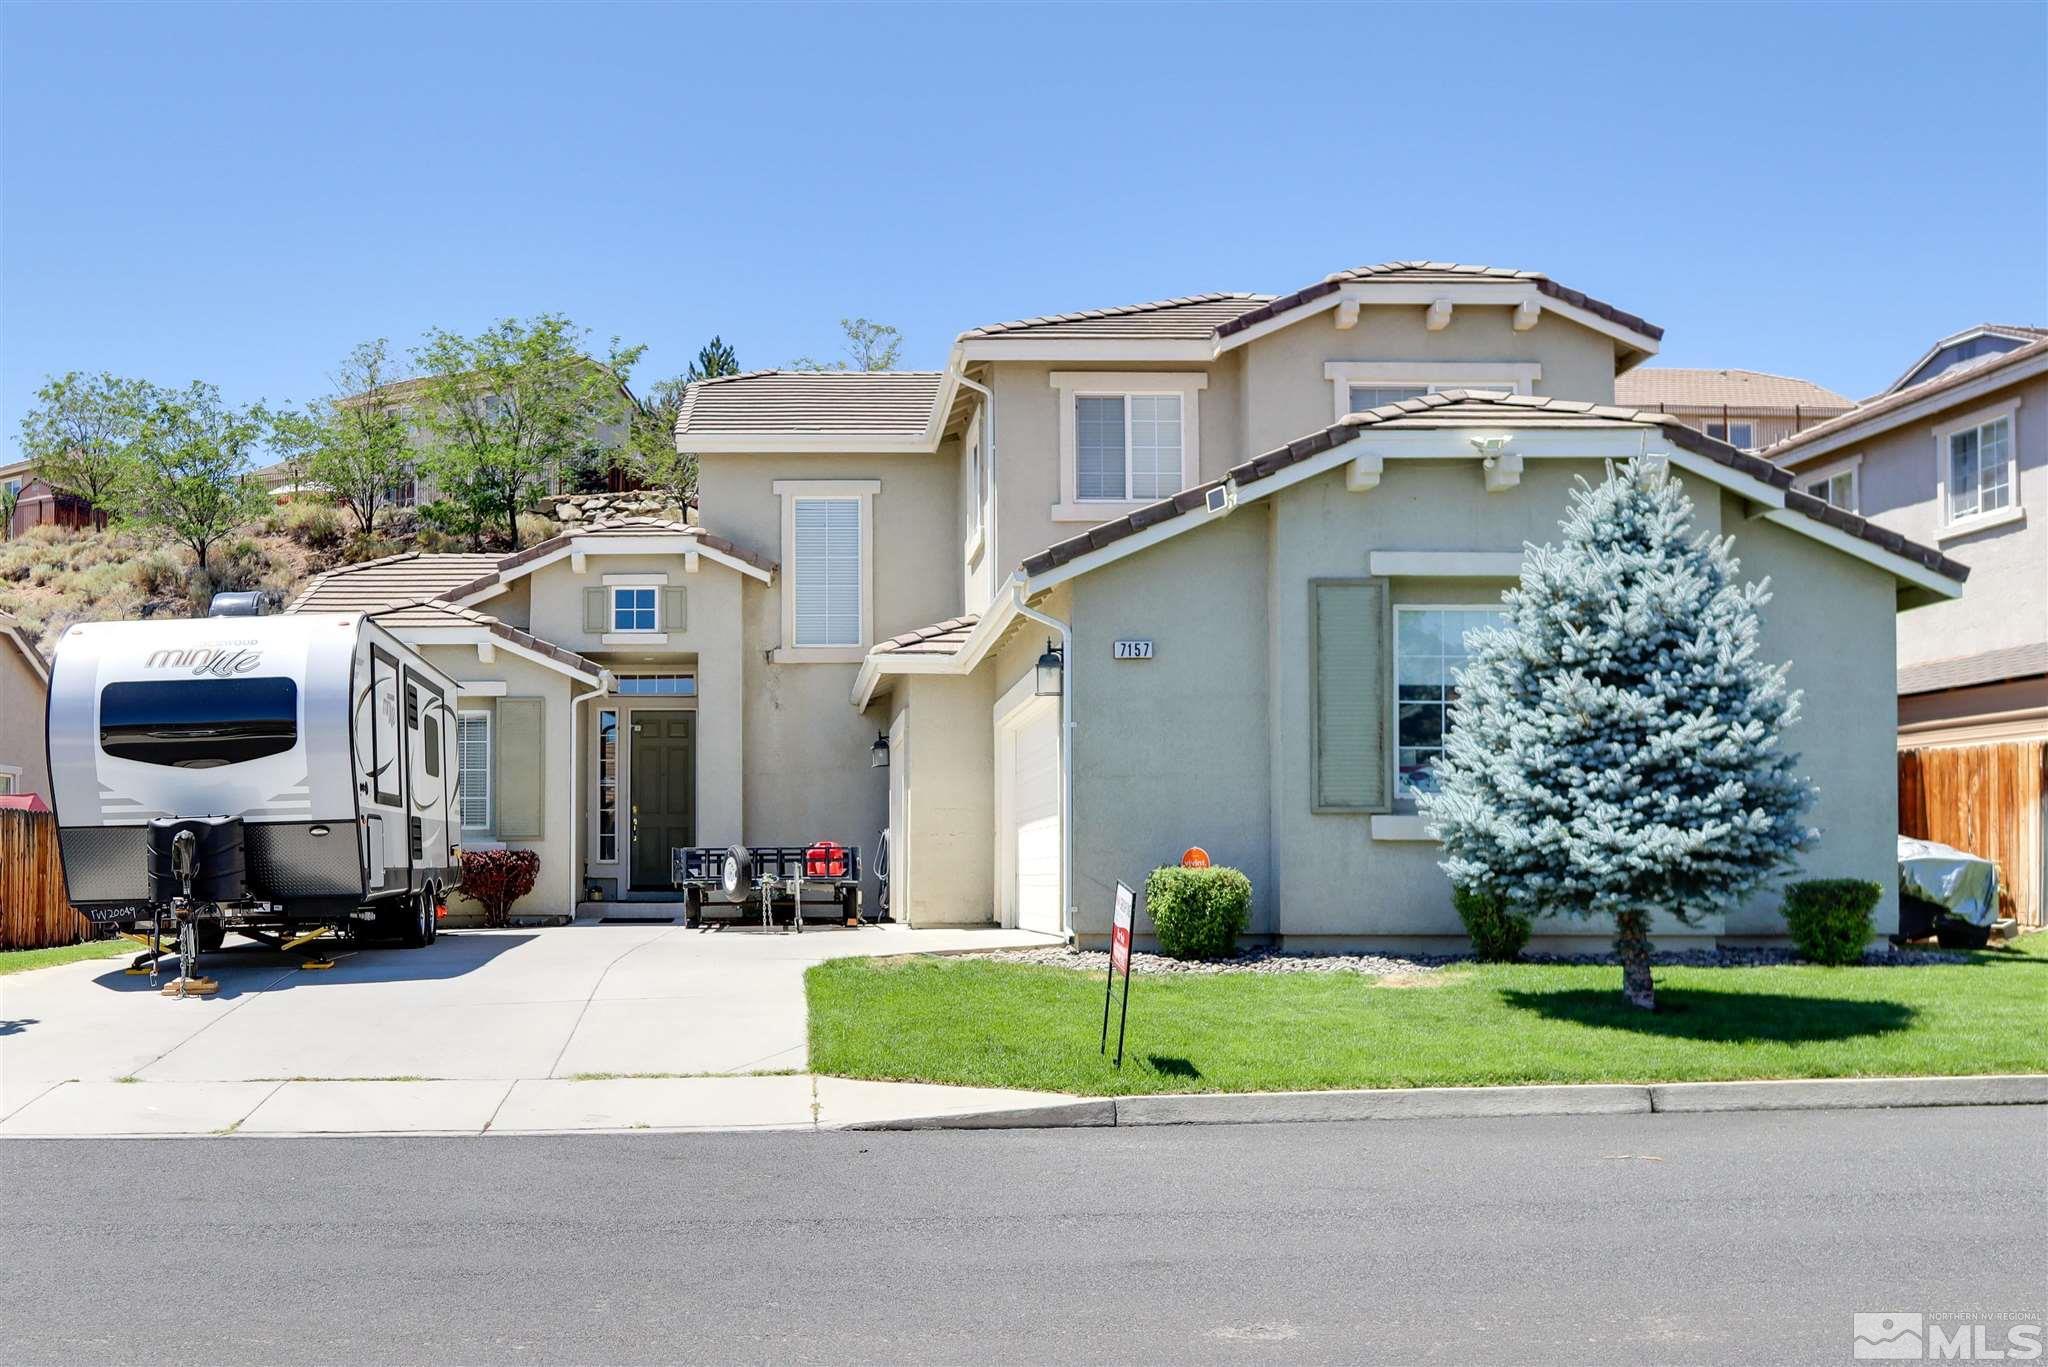 Image for 7157 Beacon, Reno, NV 89506